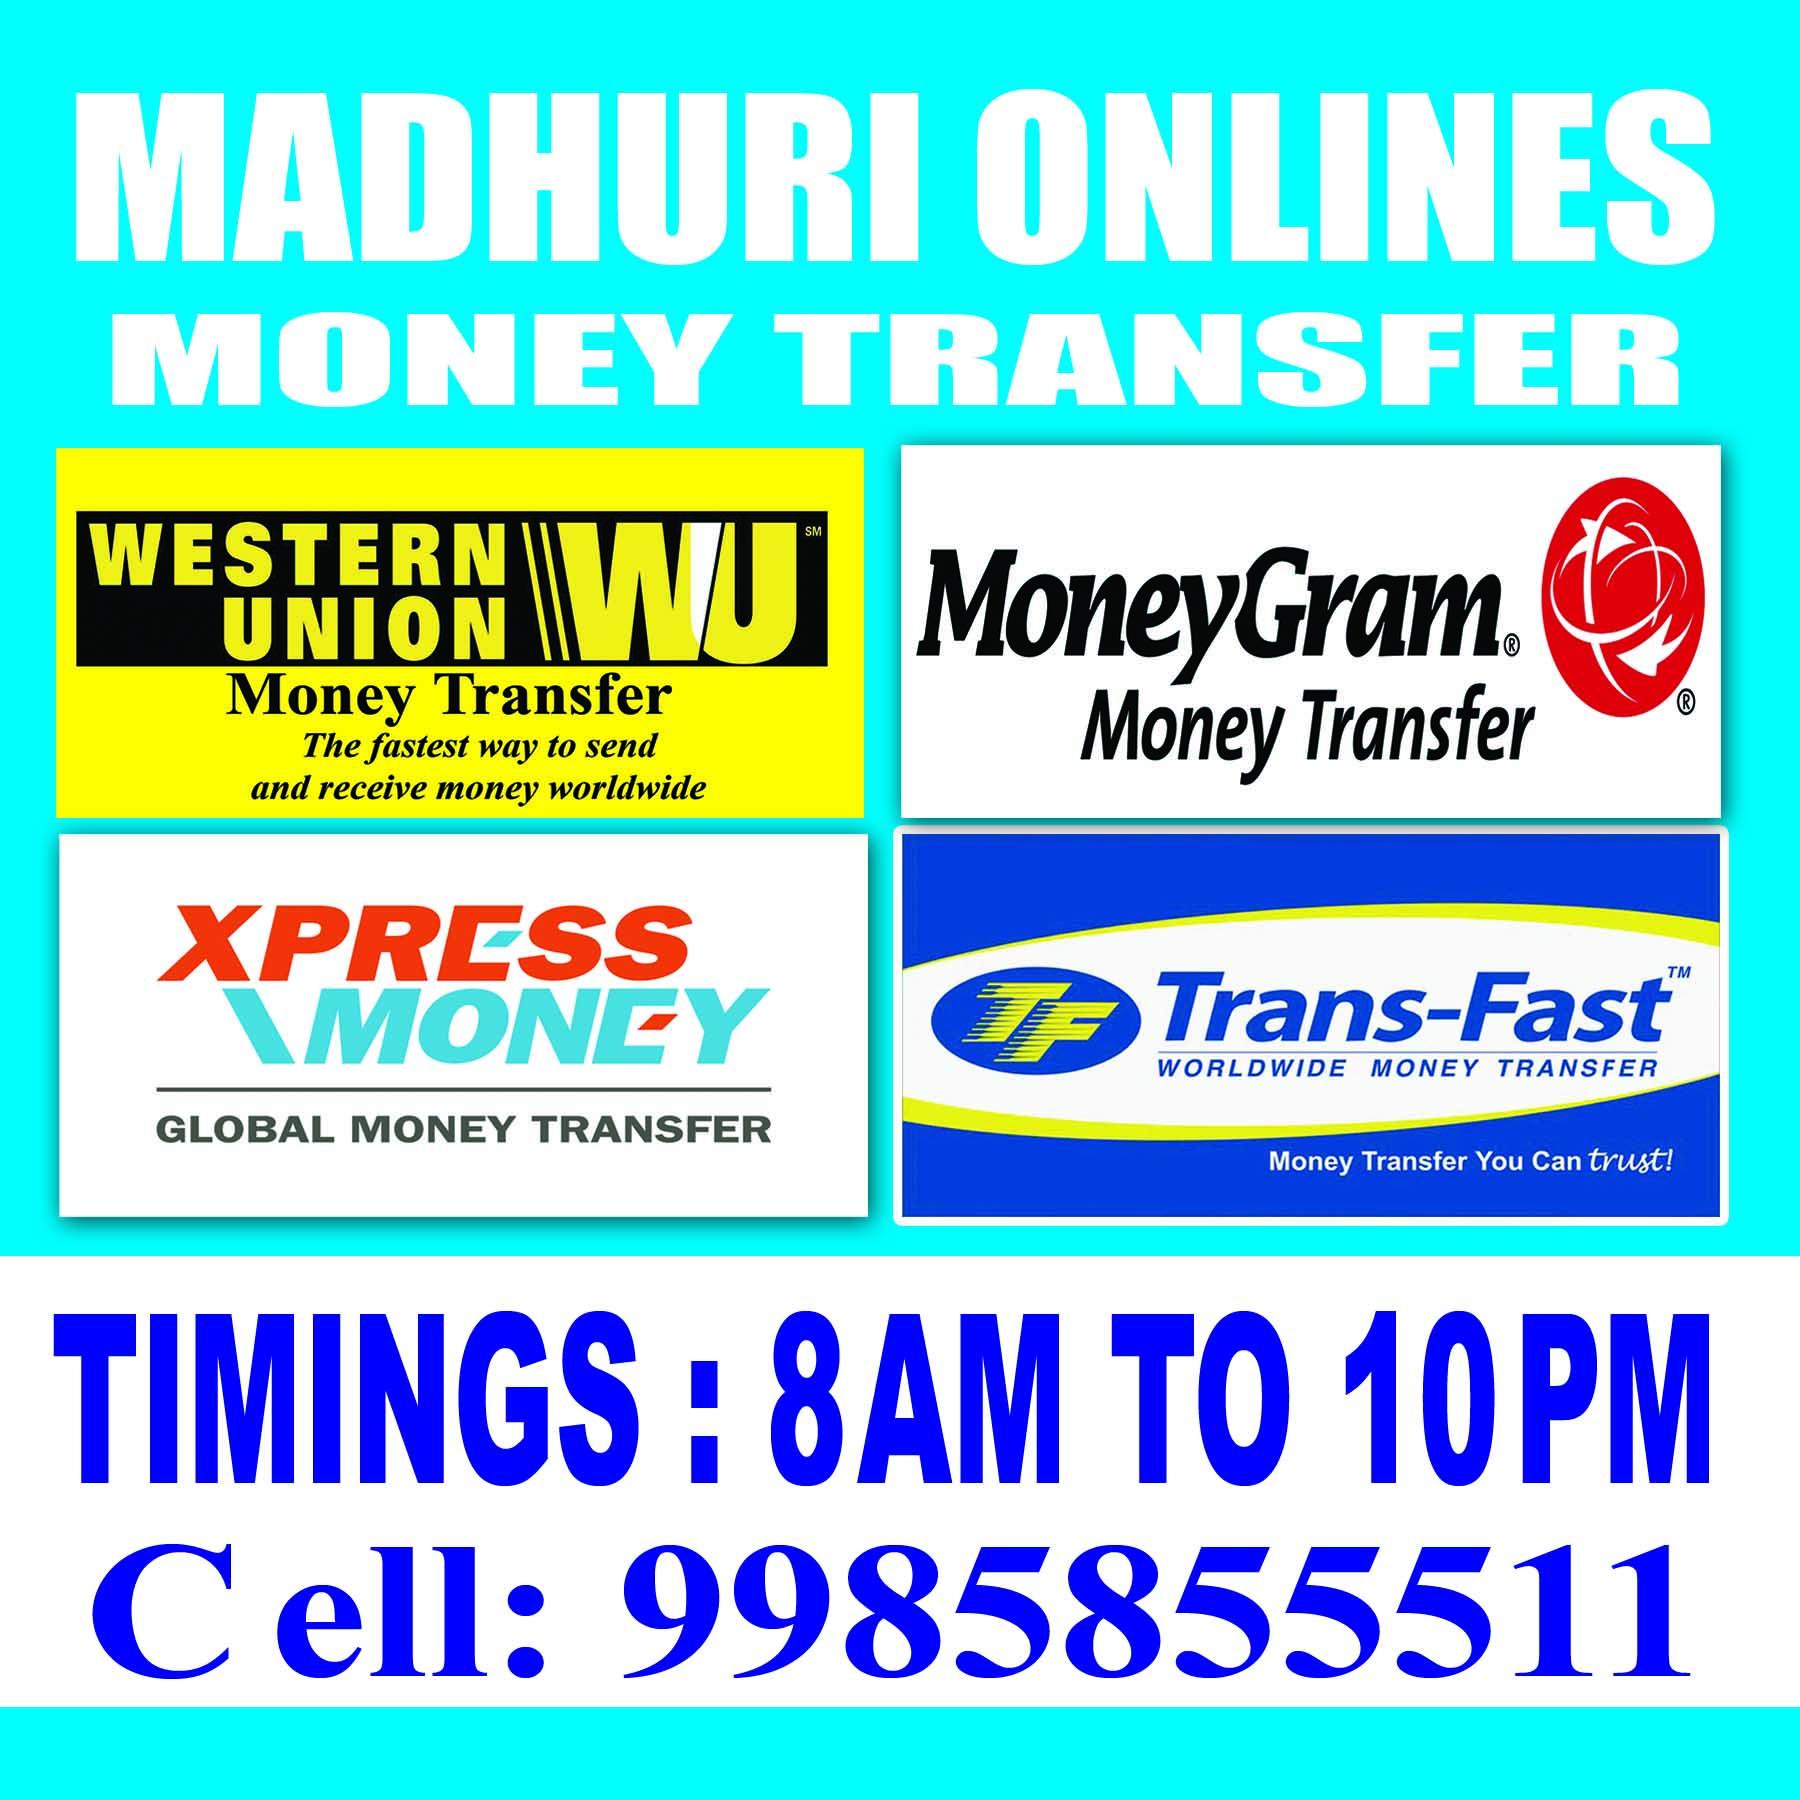 MADHURI ONLINES